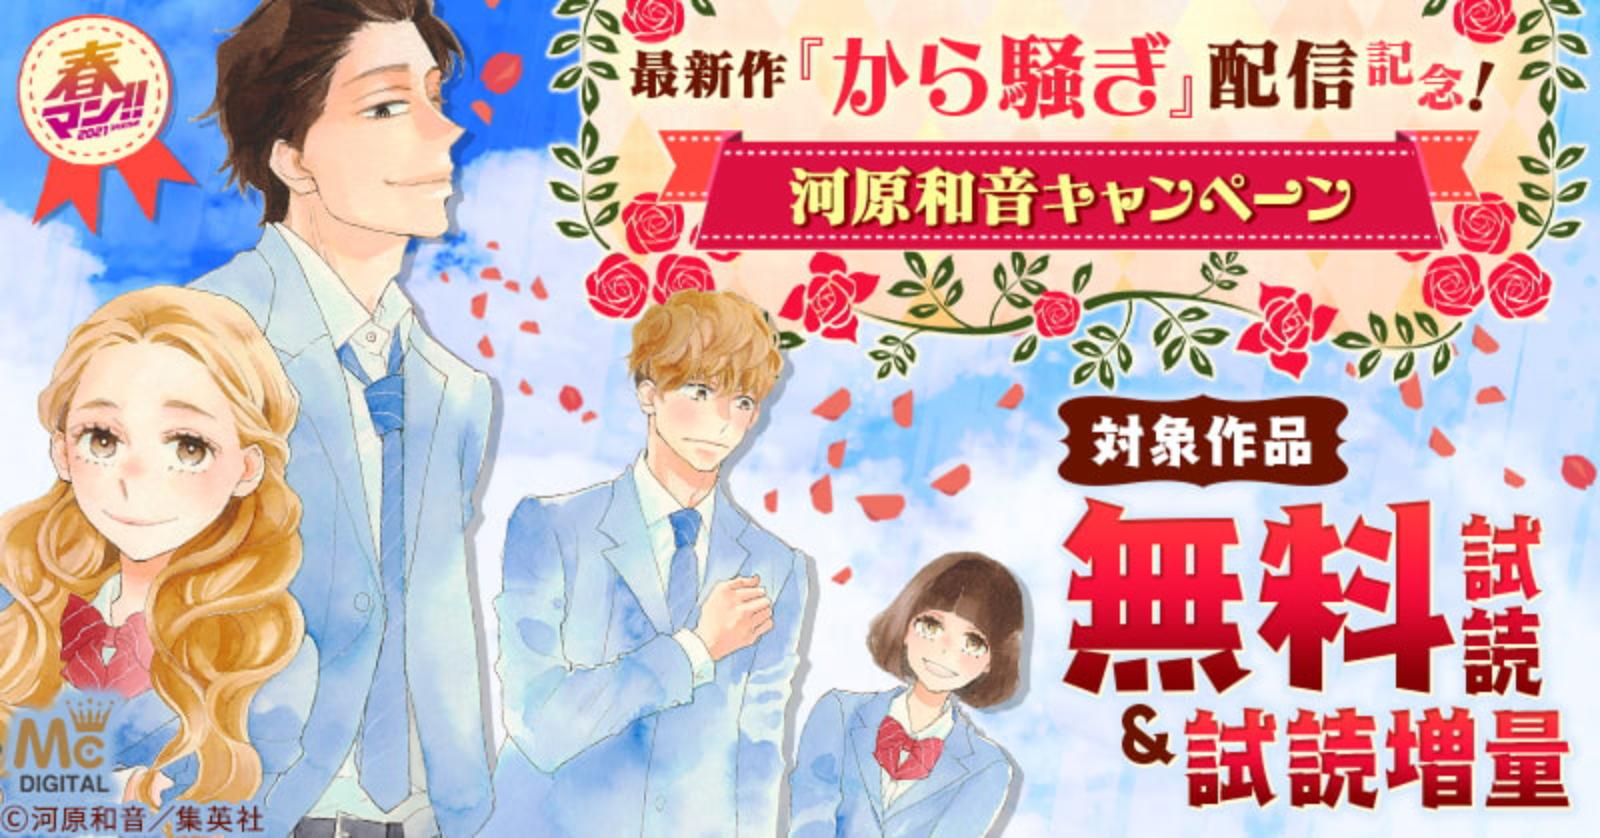 最新作『から騒ぎ』発売記念!河原和音先生作品48時間無料キャンペーン!!